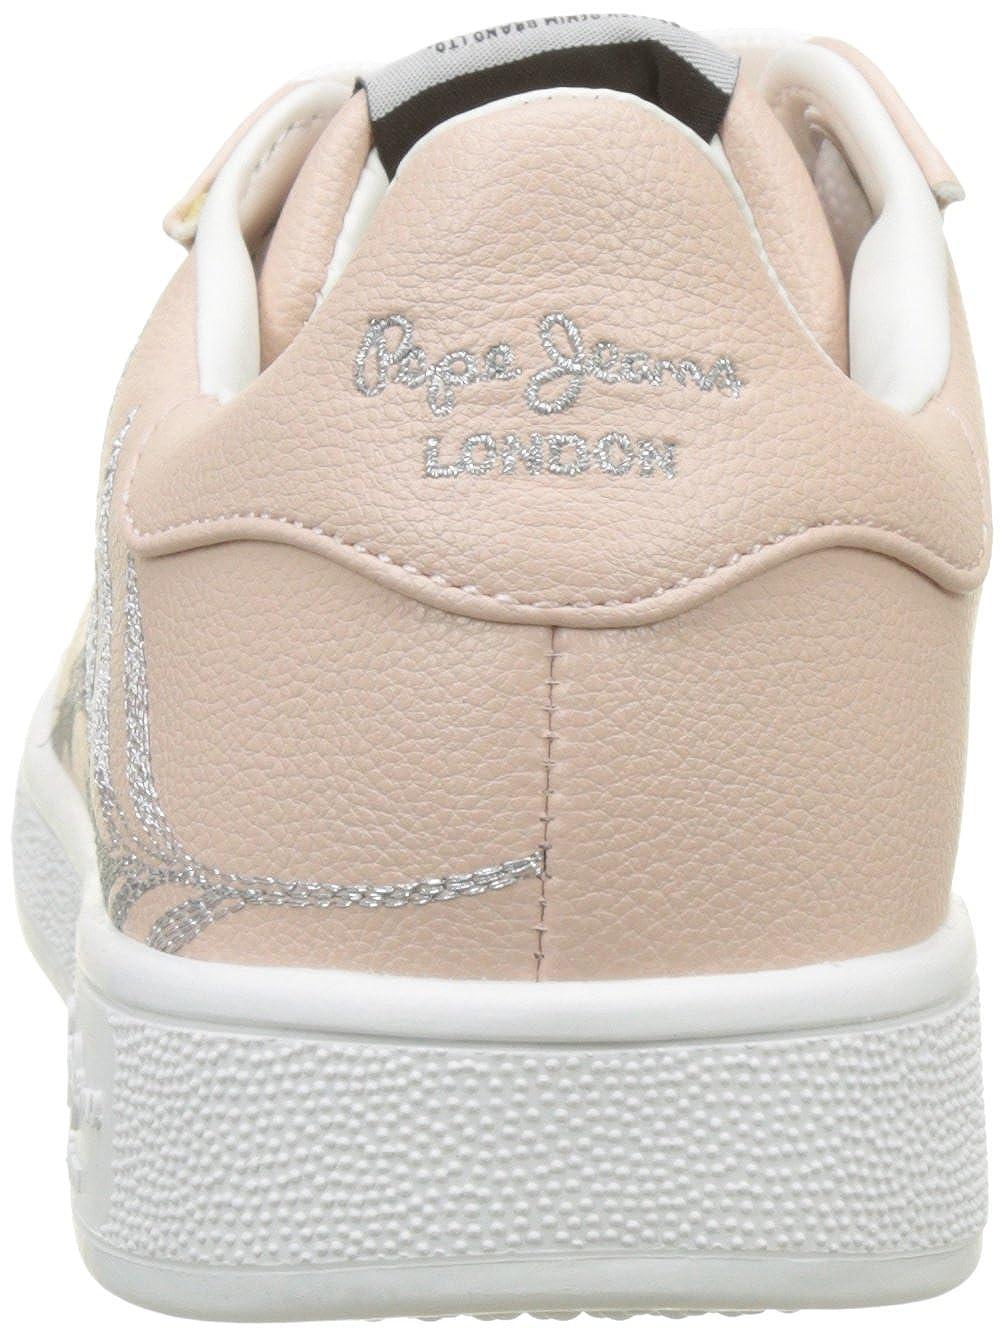 Pepe Jeans Brompton Embroidery, Scarpe da Ginnastica Ginnastica Ginnastica Basse Donna | Dall'ultimo modello  fc92c2